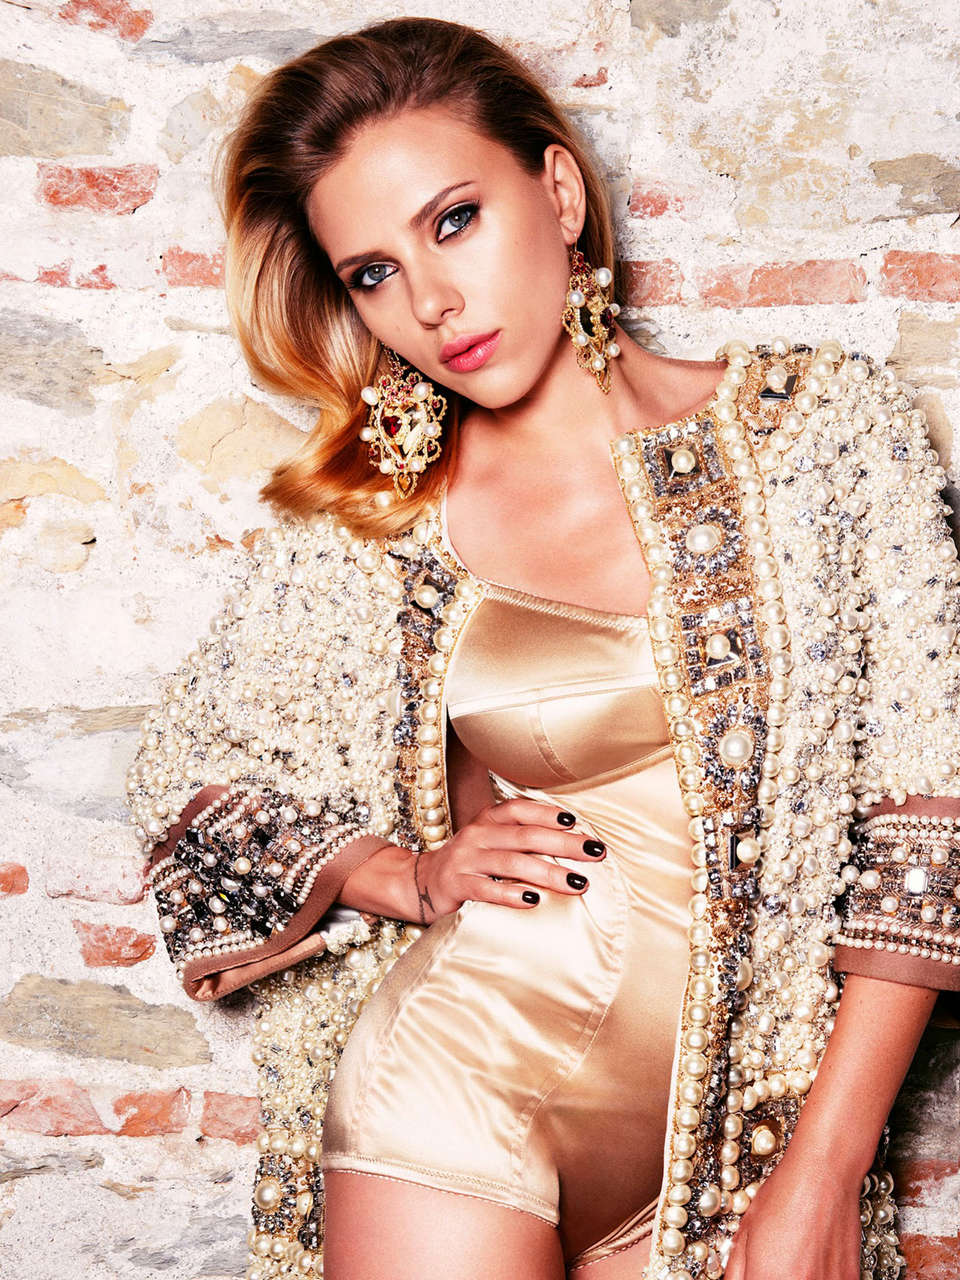 Scarlett Johansson Vogue Magazine Russia October 2012 Issue